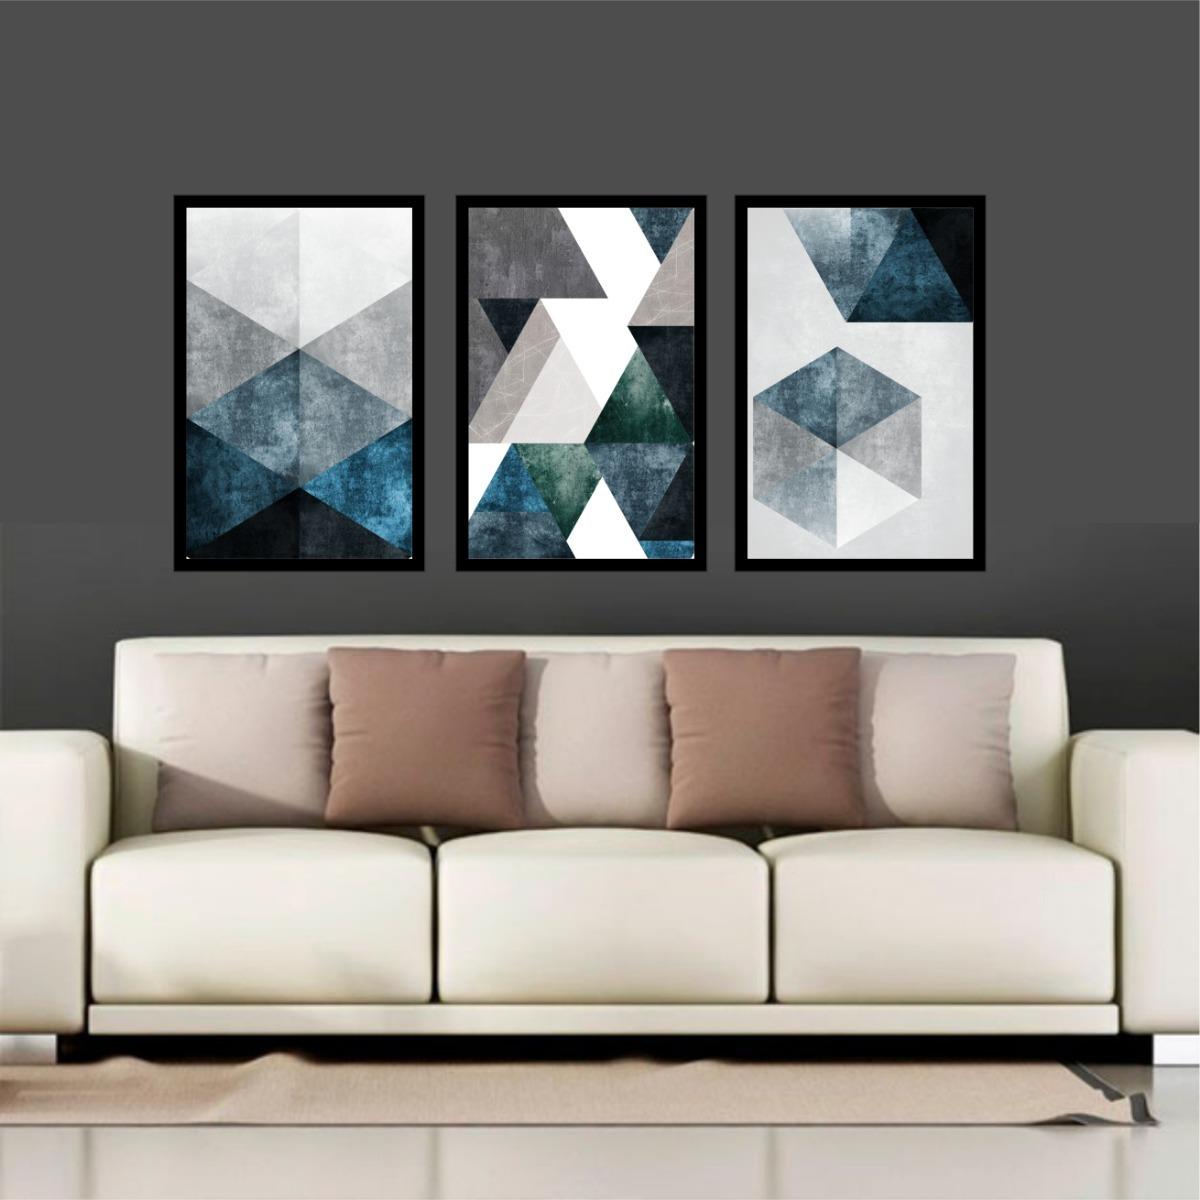 2dfd1c58f quadro mosaico abstratos azul e neutro lindos quarto sala. Carregando zoom.